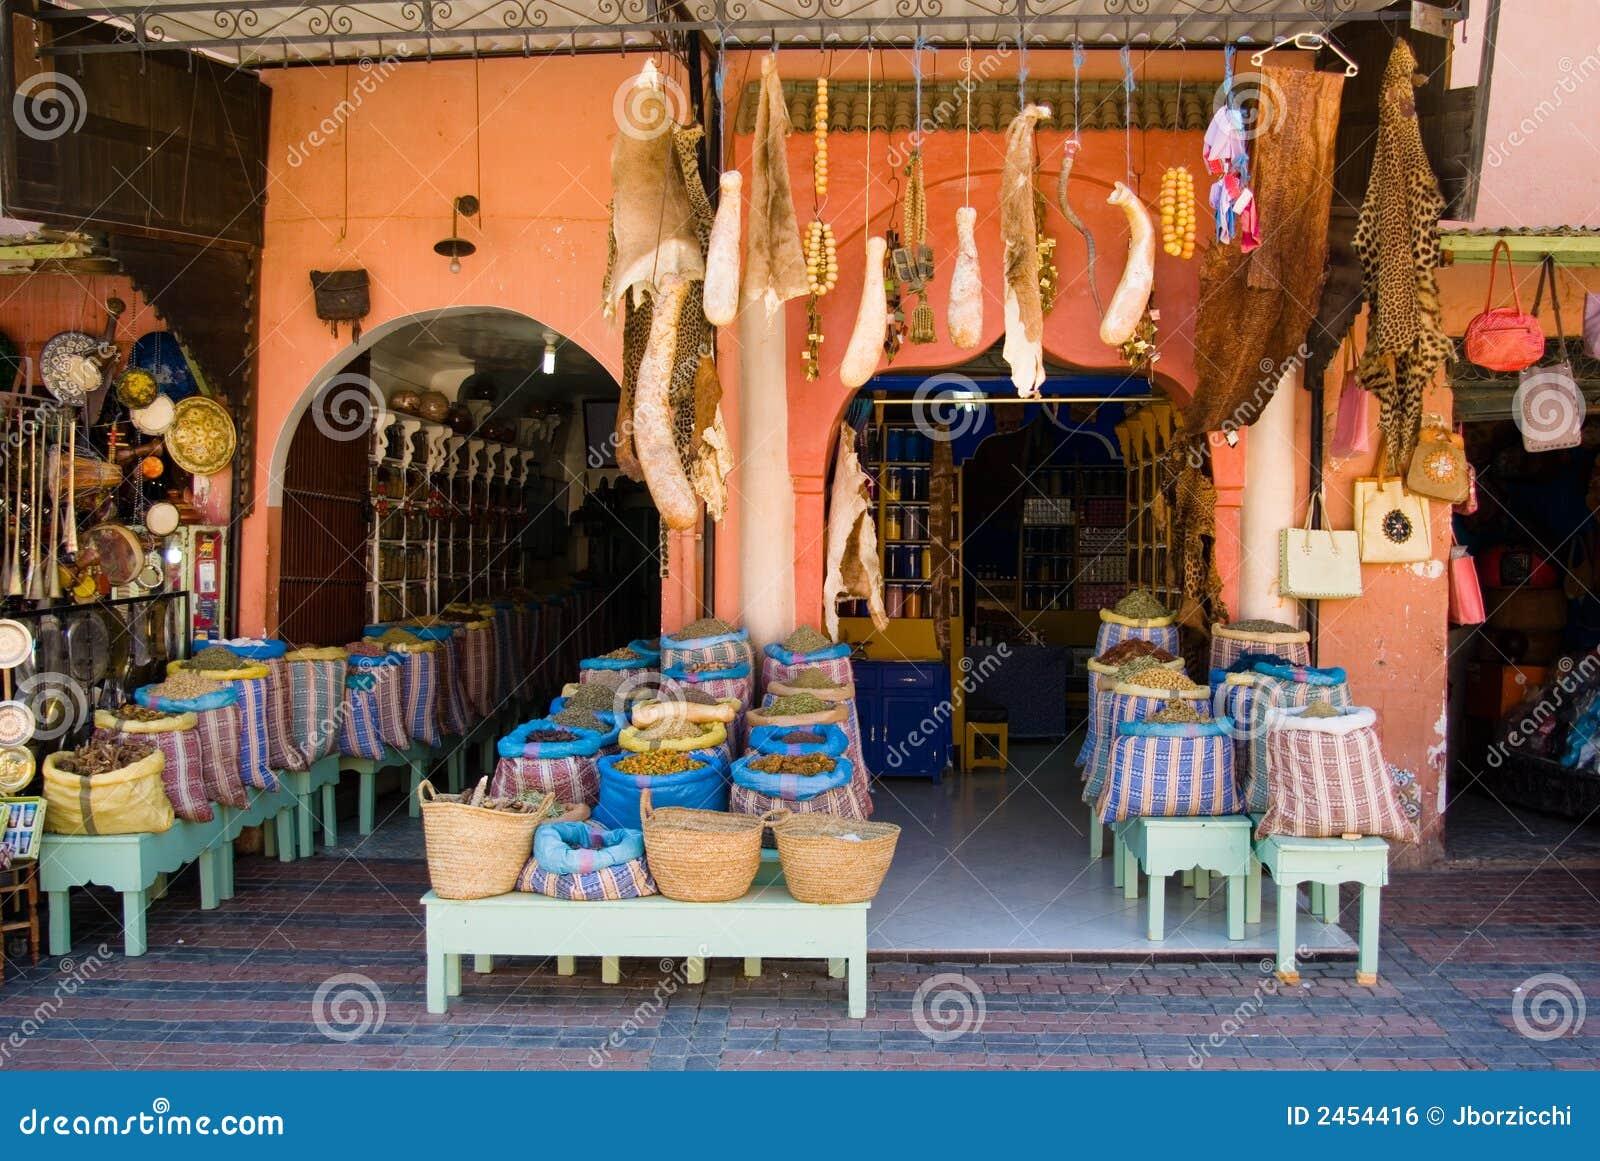 Marrakech s souk